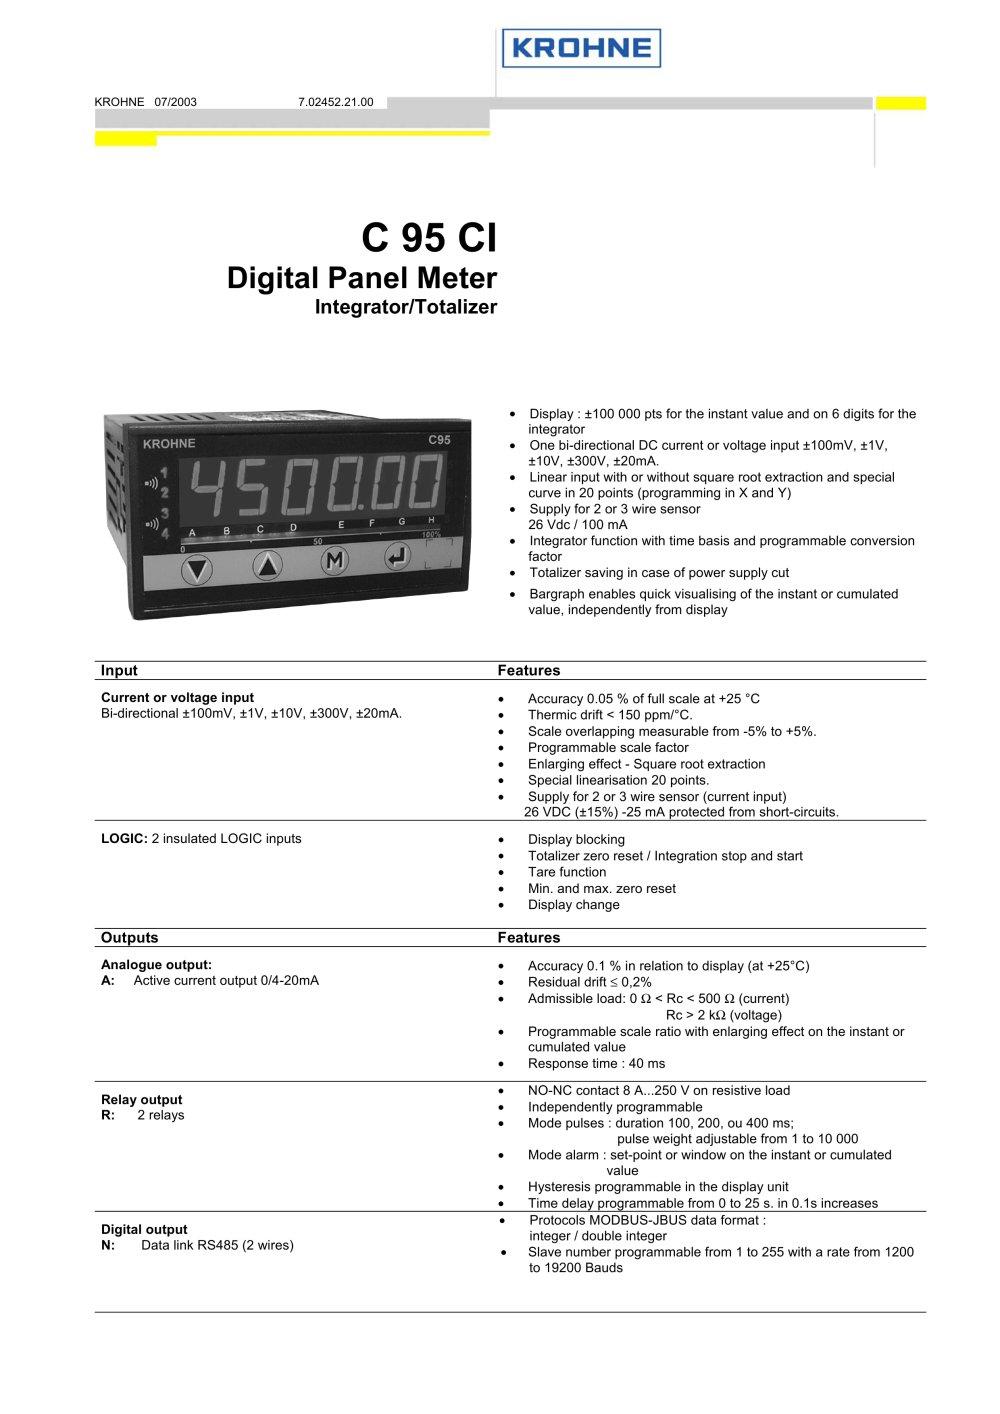 C95 Ci Krohne Messtechnik Pdf Catalogue Technical Rc Integrator Circuit 1 4 Pages